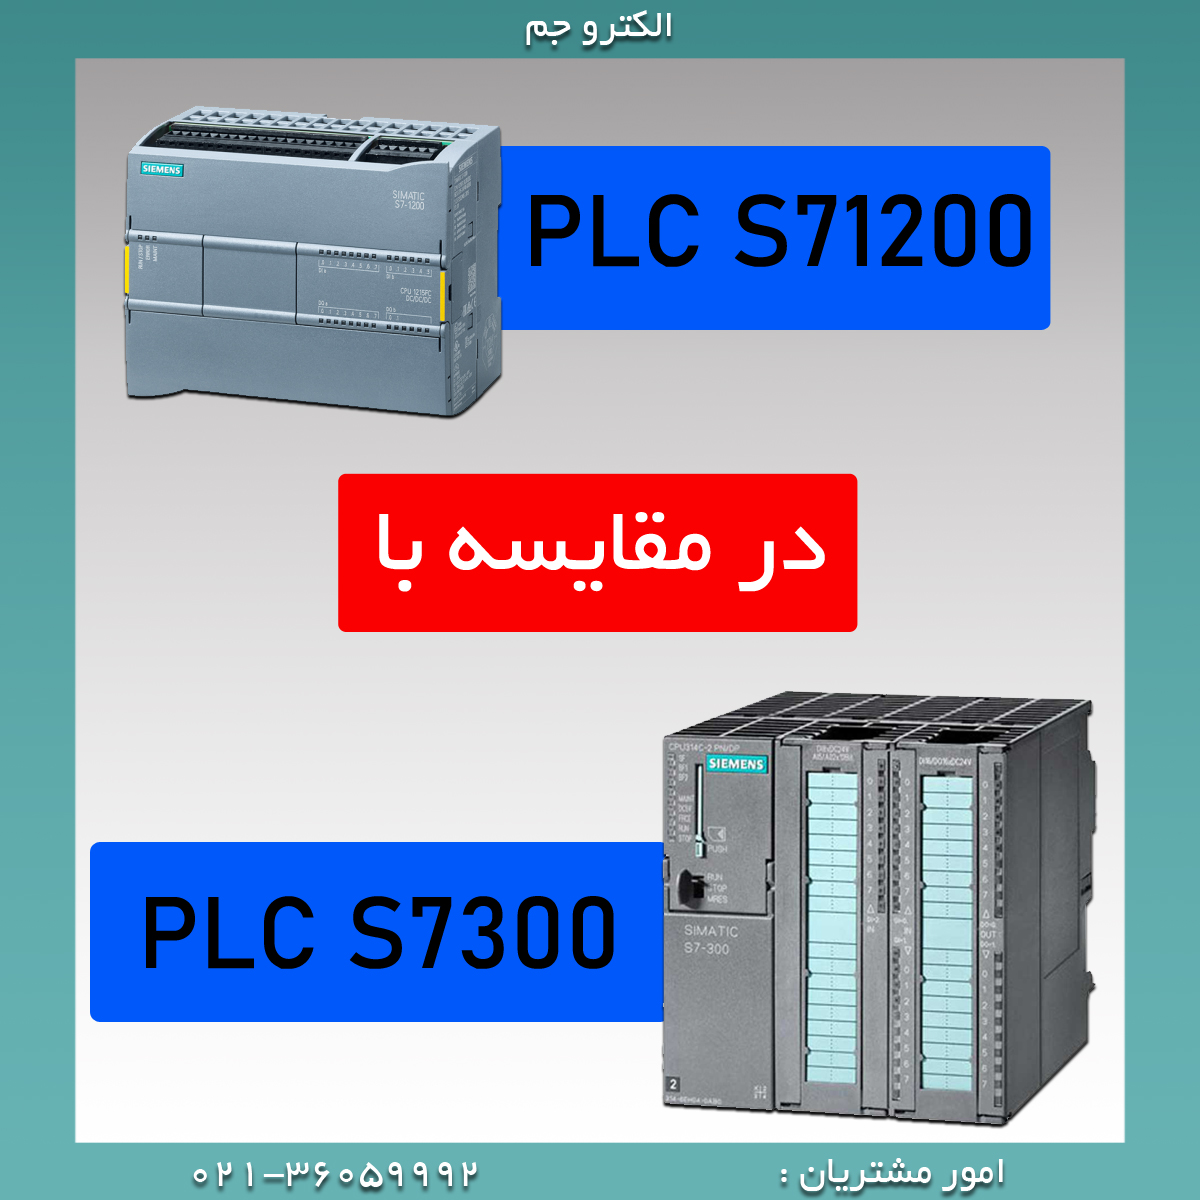 plc s7300 در مقایسه با plc s71200